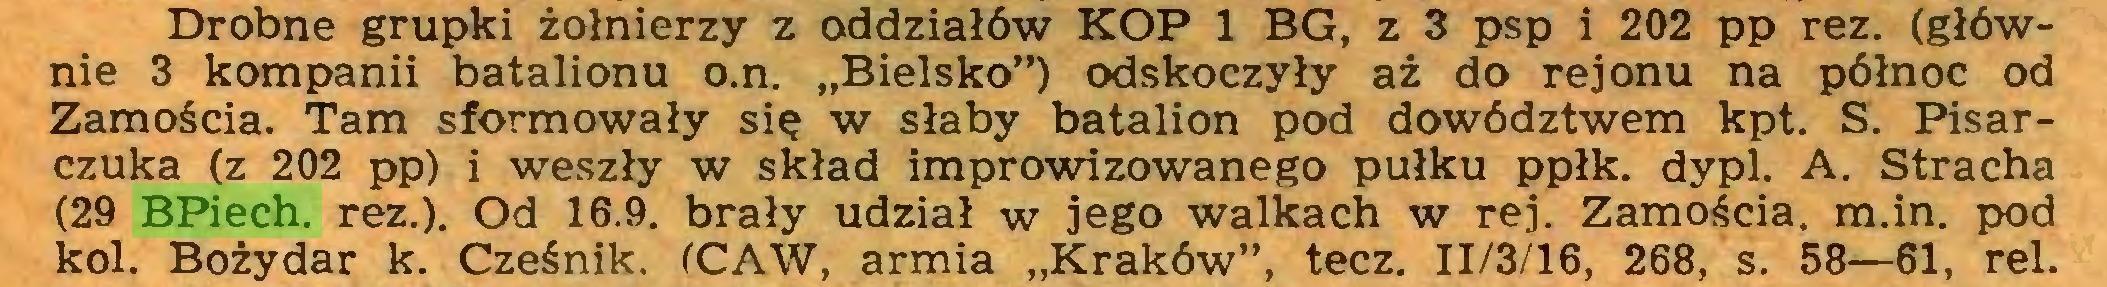 """(...) Drobne grupki żołnierzy z oddziałów KOP 1 BG, z 3 psp i 202 pp rez. (głównie 3 kompanii batalionu o.n. """"Bielsko"""") odskoczyły aż do rejonu na północ od Zamościa. Tam sformowały się w słaby batalion pod dowództwem kpt. S. Pisarczuka (z 202 pp) i weszły w skład improwizowanego pułku ppłk. dypl. A. Stracha (29 BPiech. rez.). Od 16.9. brały udział w jego walkach w rej. Zamościa, m.in. pod kol. Bożydar k. Cześnik. (CAW, armia """"Kraków"""", tęcz. II/3/16, 268, s. 58—61, rei..."""